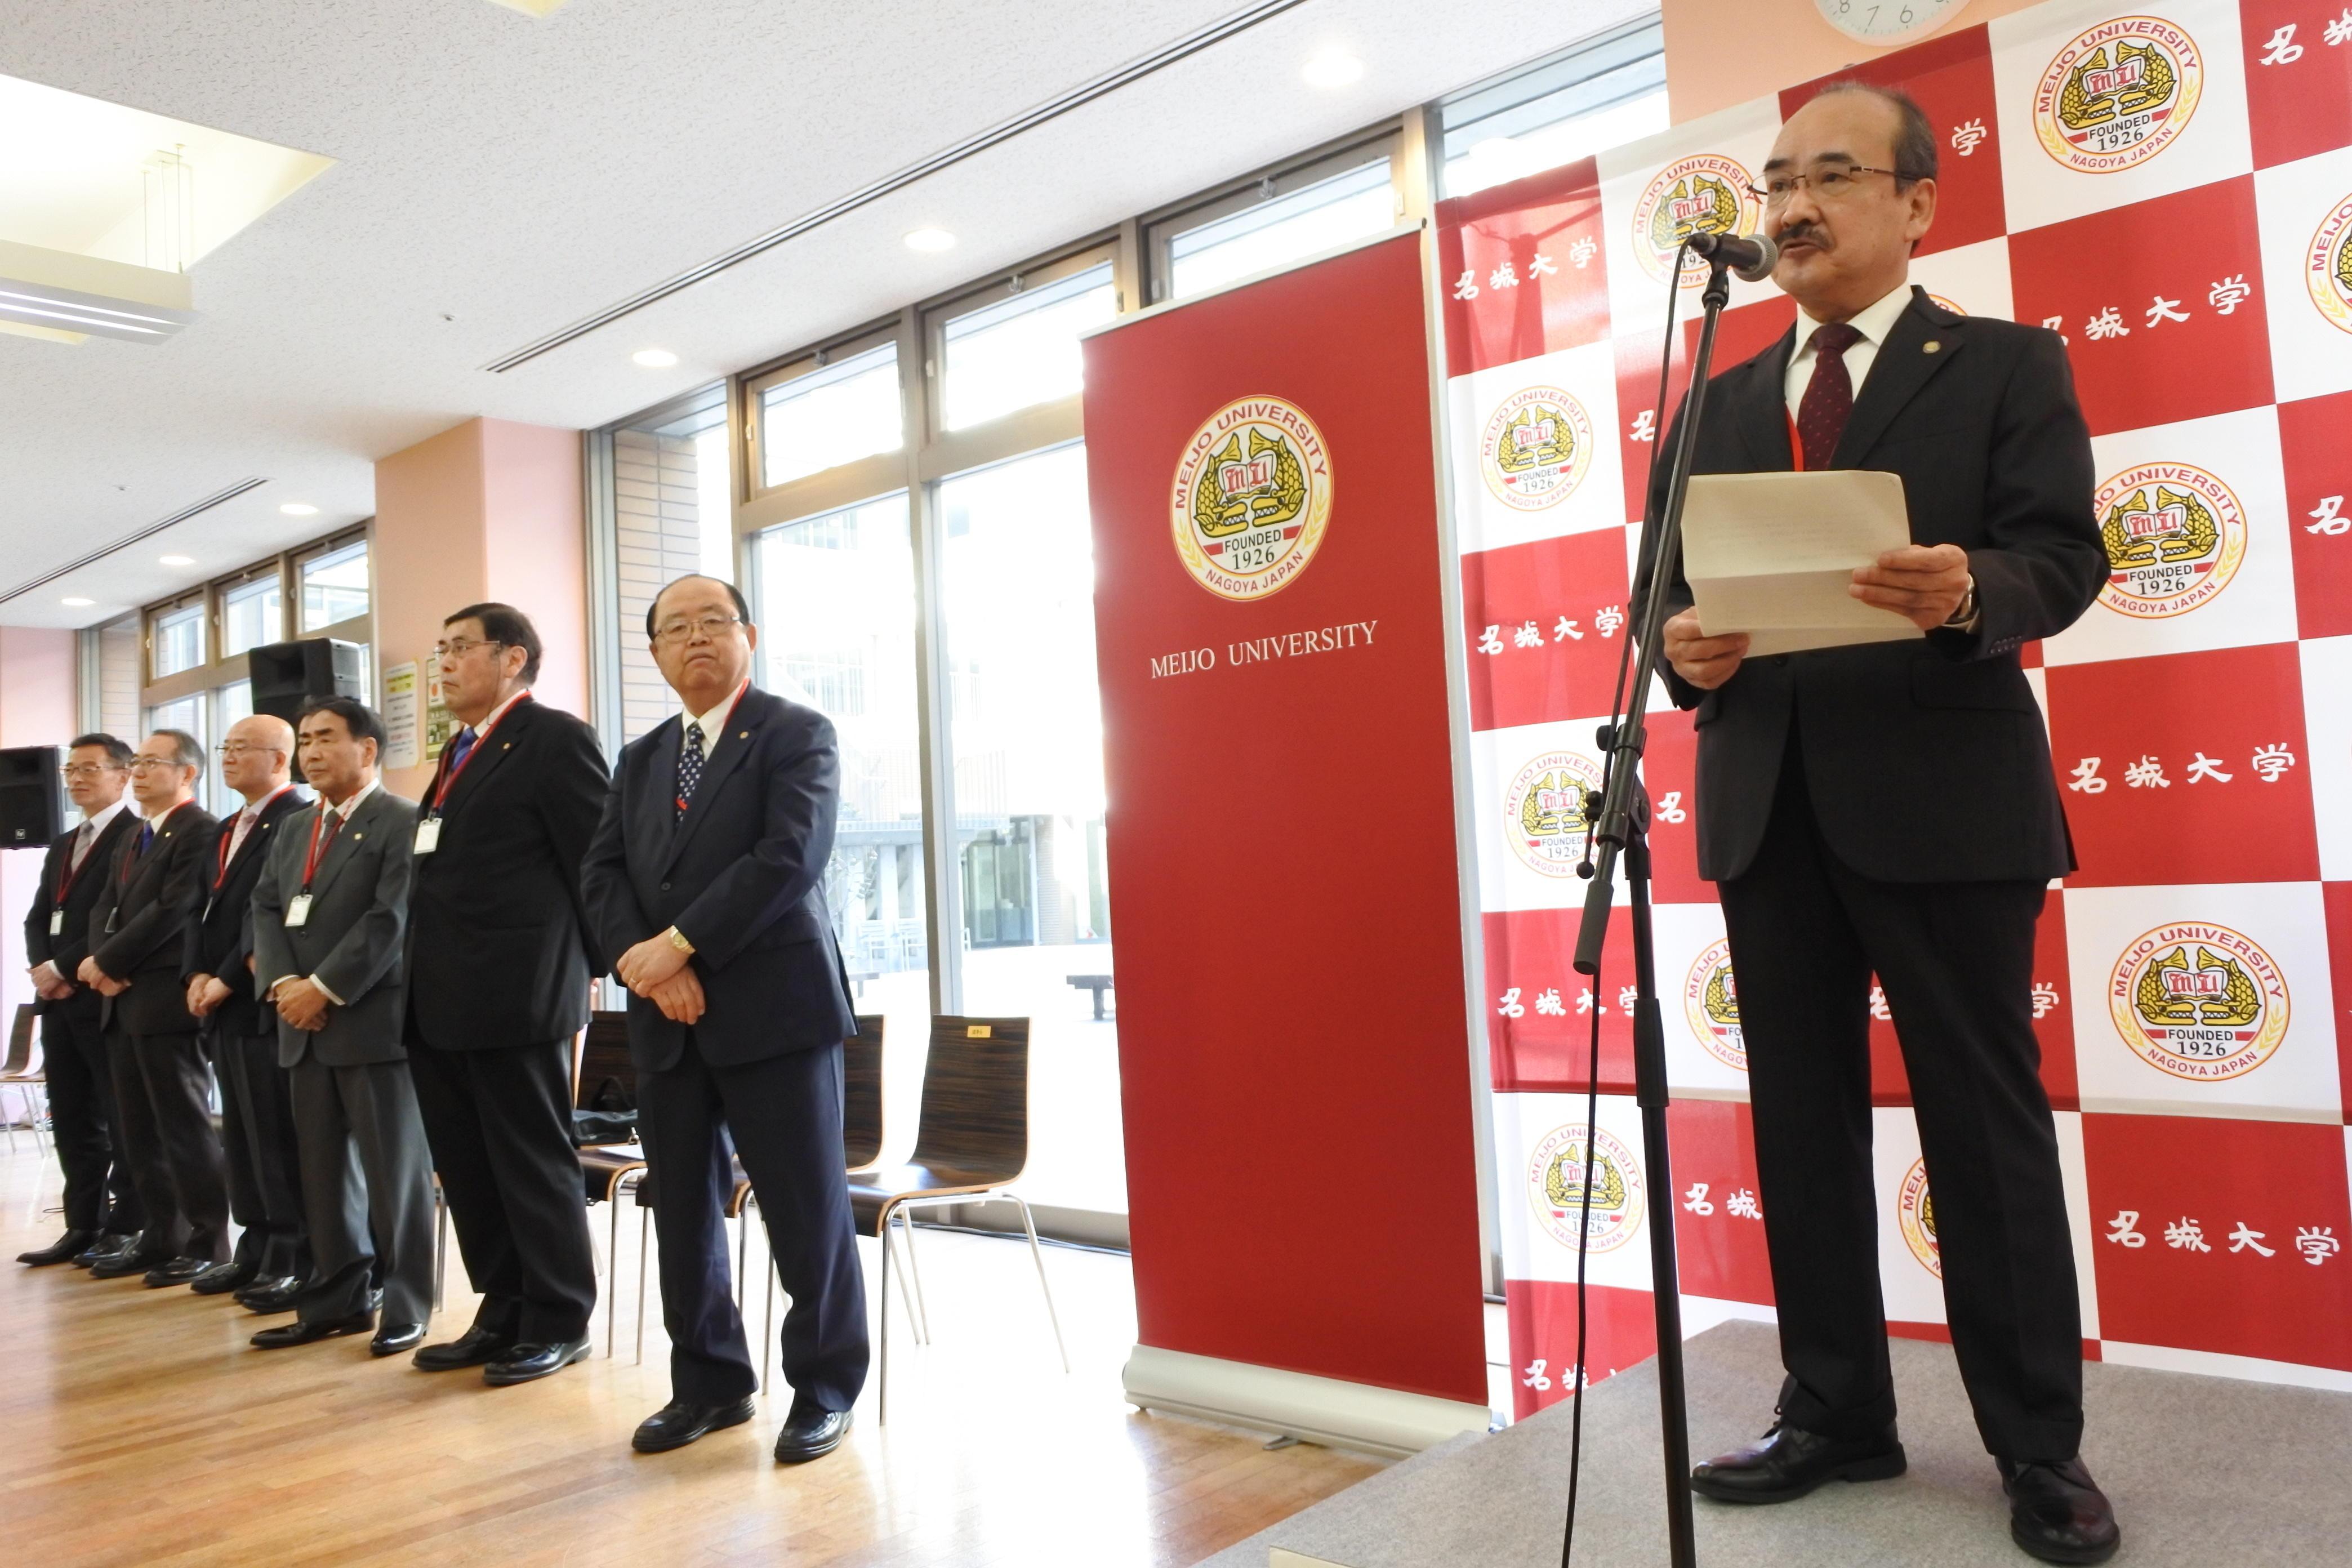 開会あいさつで大学のトピックスを紹介する吉久光一学長(右端)